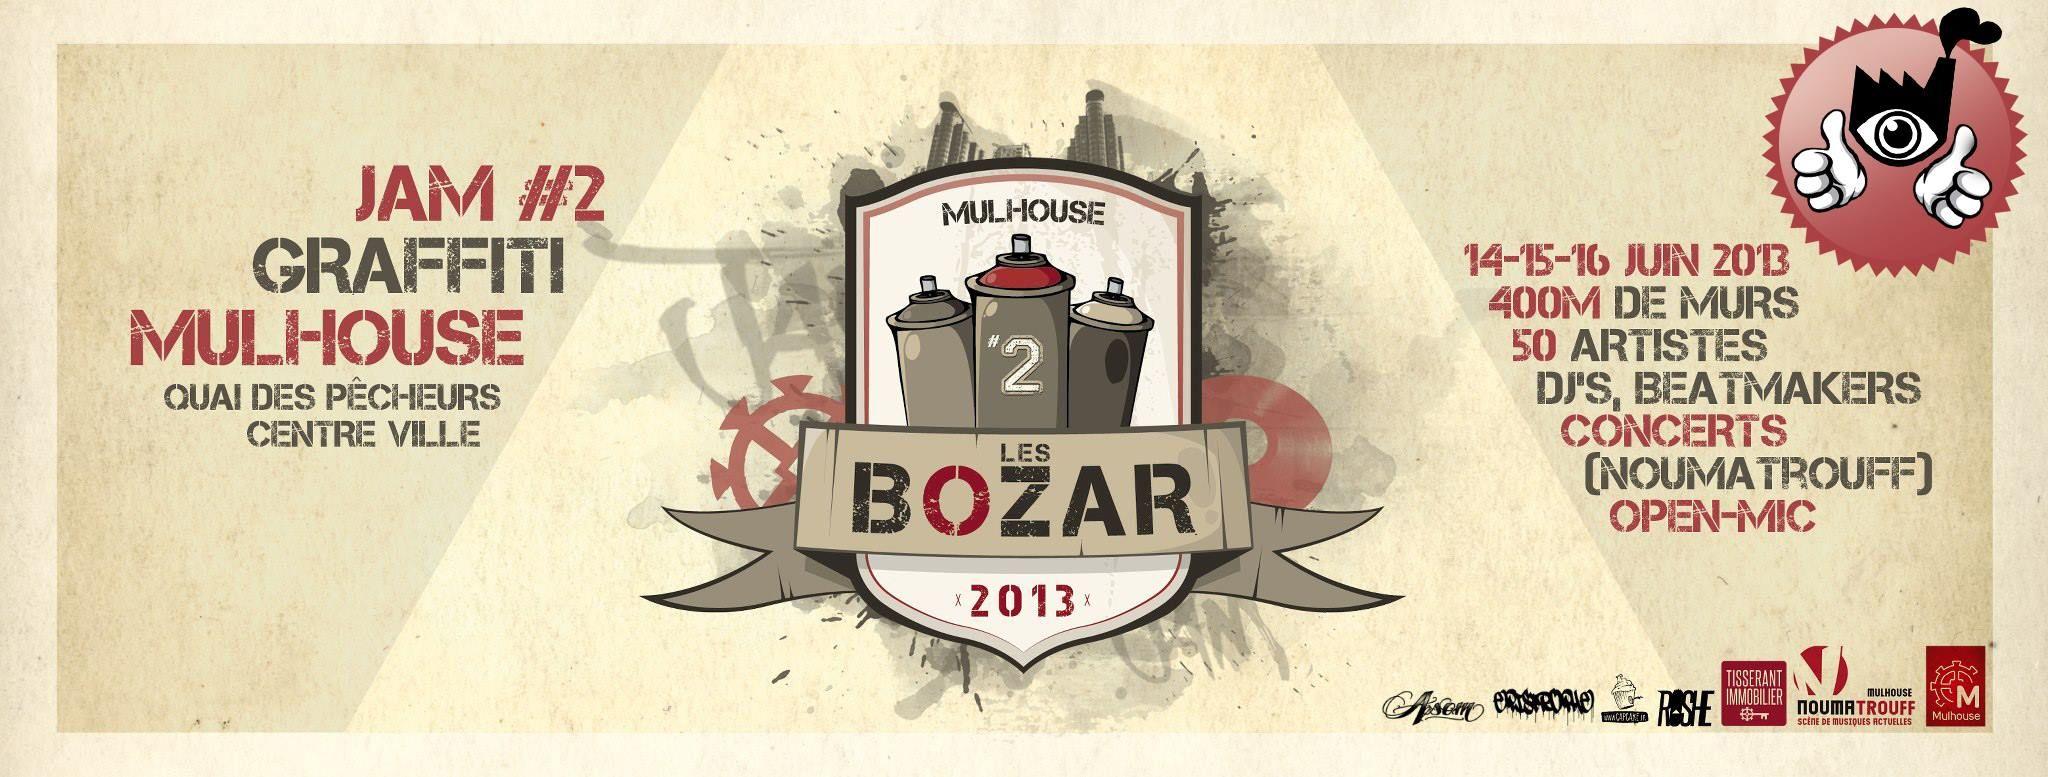 Bozar Mulhouse